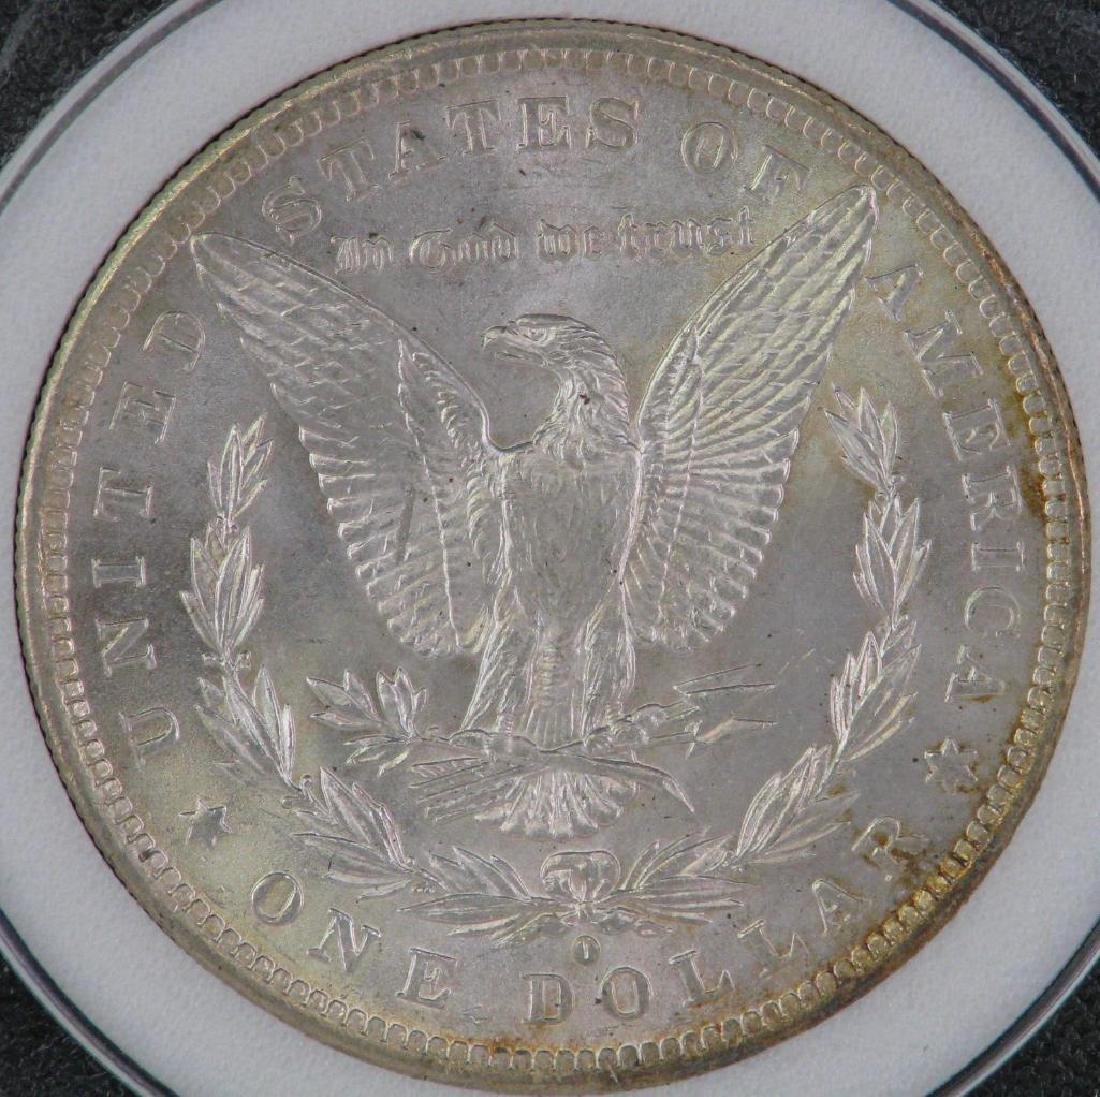 1884-OÊMorgan Dollar NCI MS63 - 5